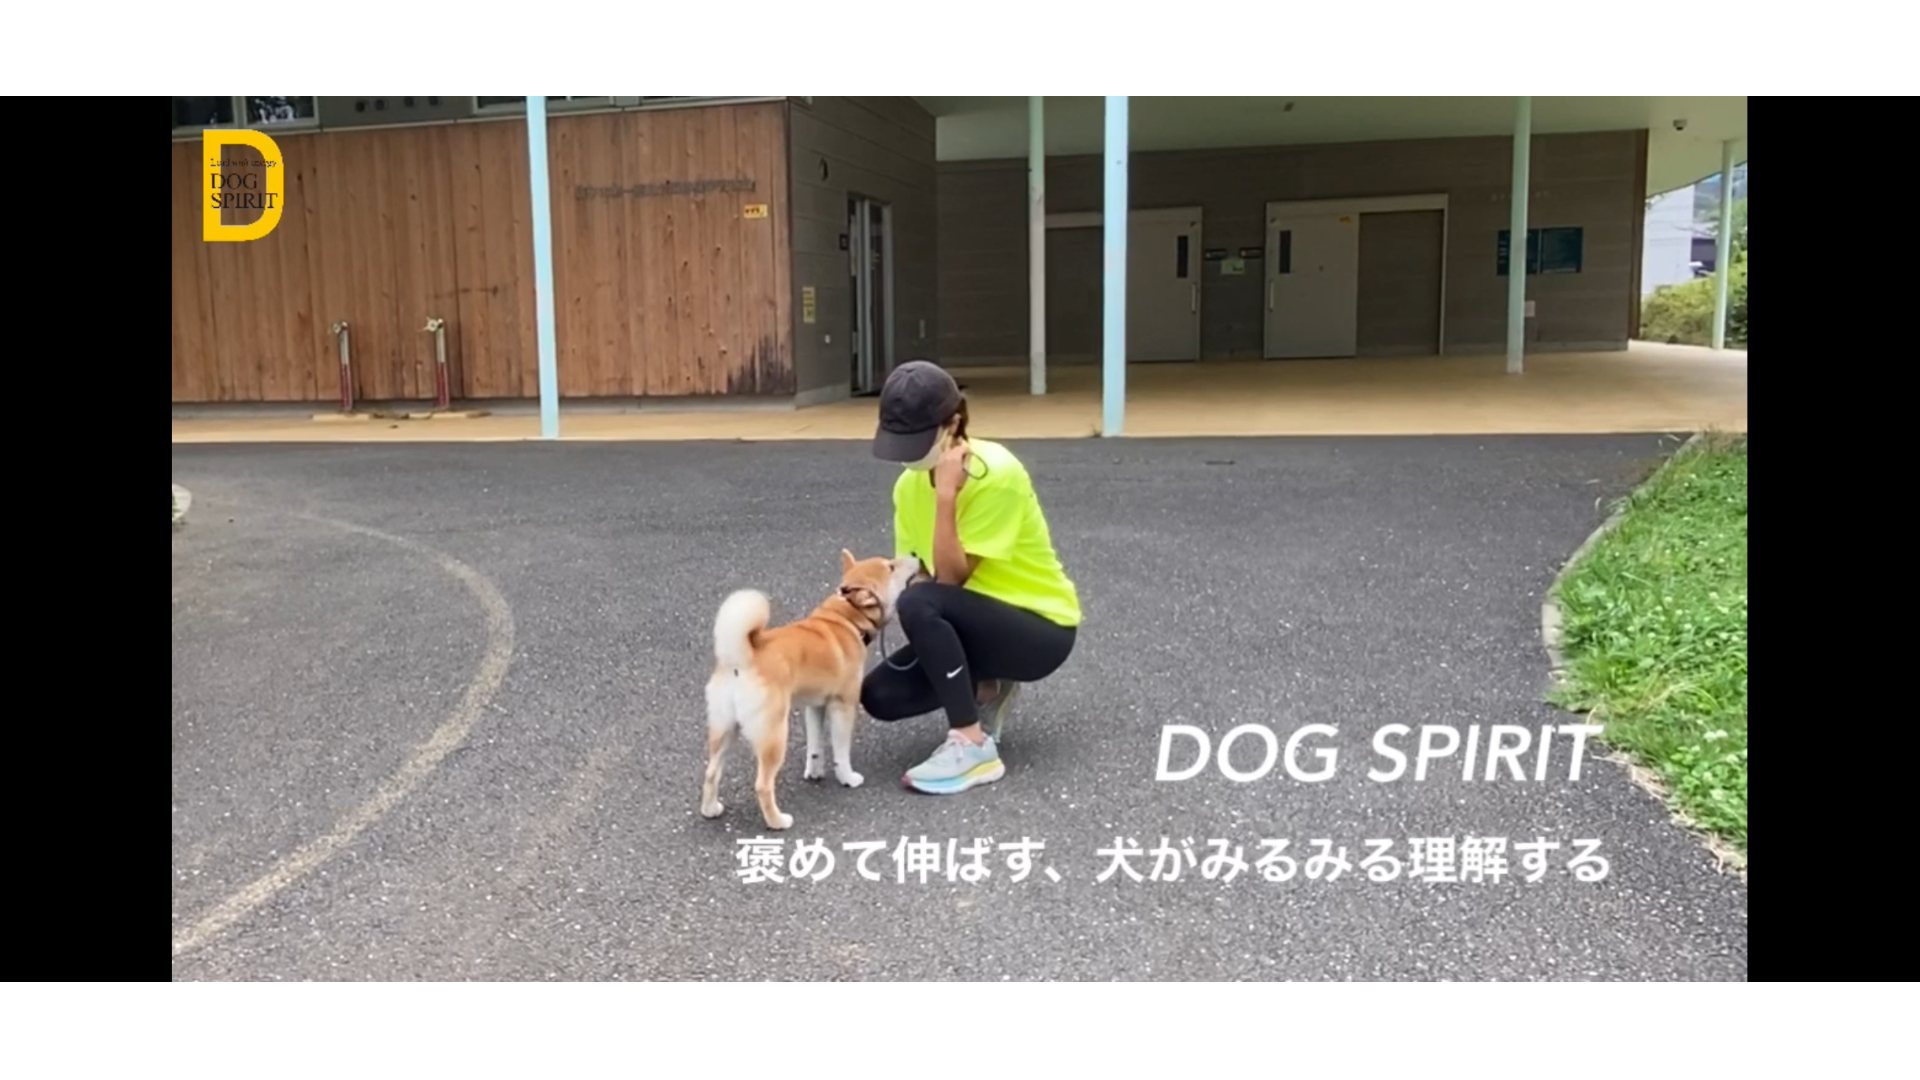 褒めて伸ばす、犬がみるみる理解する